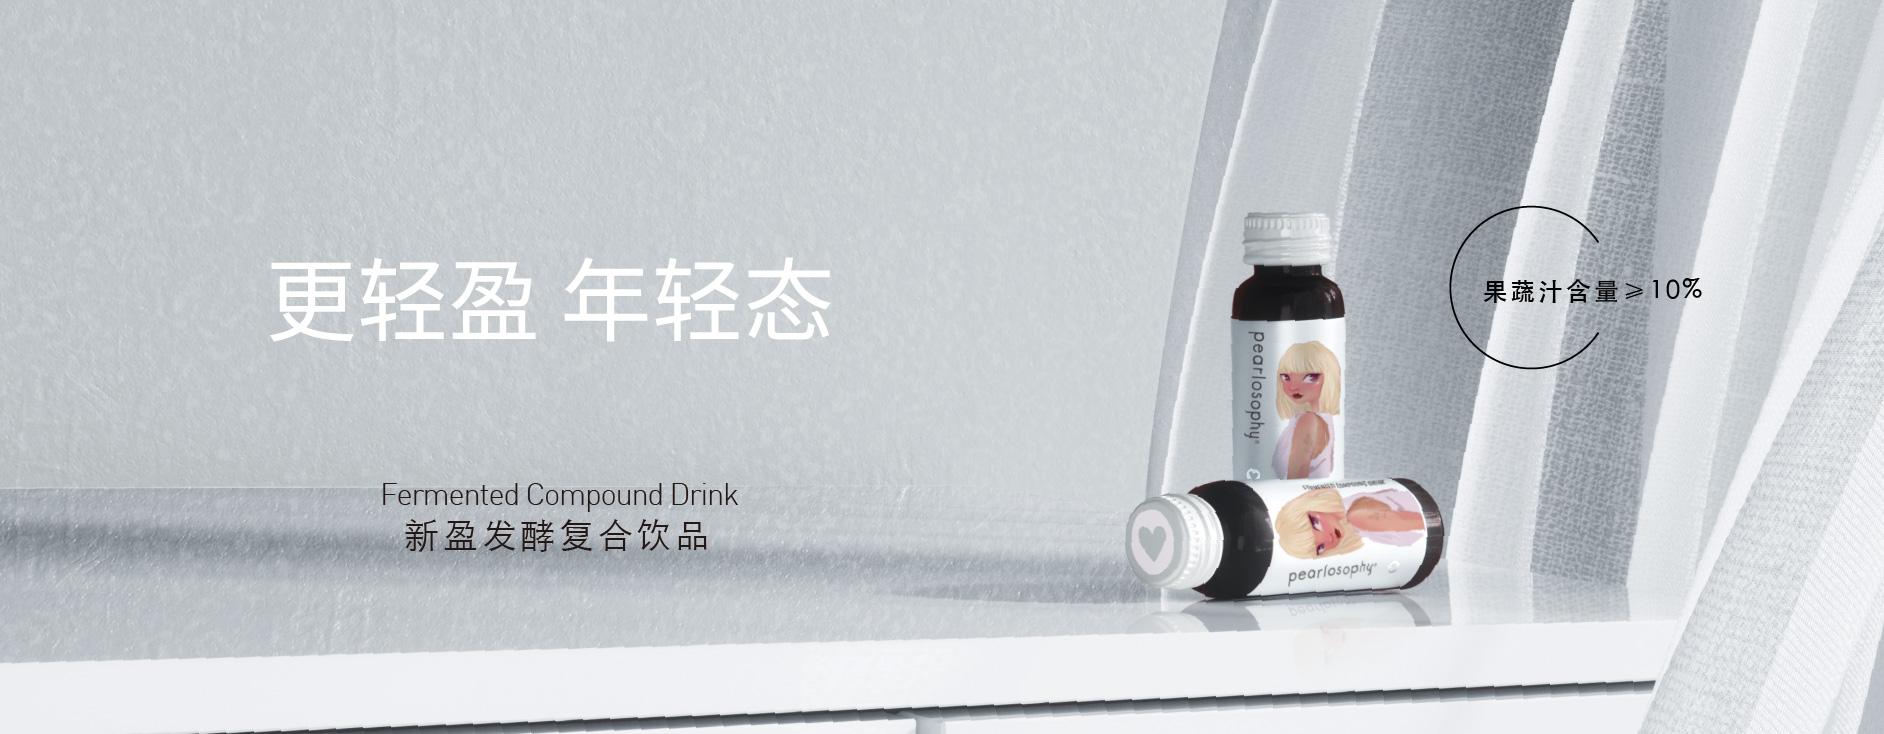 更轻盈 年轻态新盈发酵复合饮品